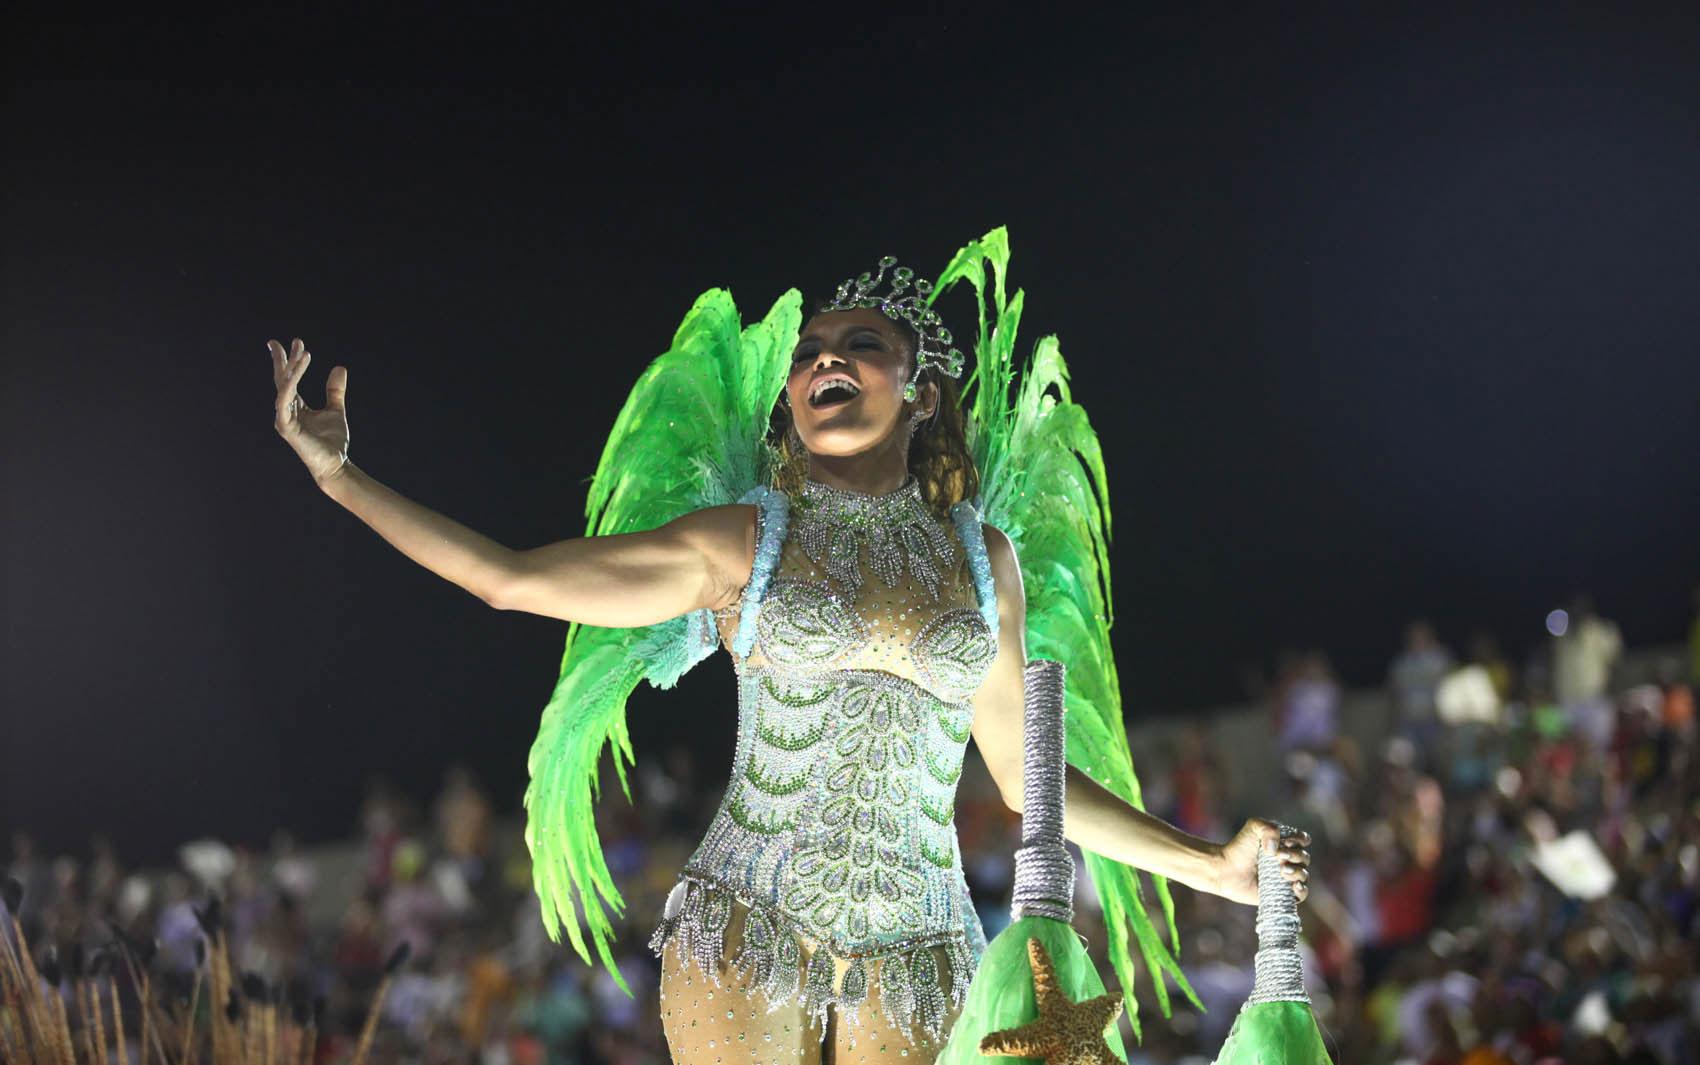 Dira Paes foi destaque em carro alegórico da Imperatriz Leopoldinense, que em 2013 homenageou o estado natal da atriz